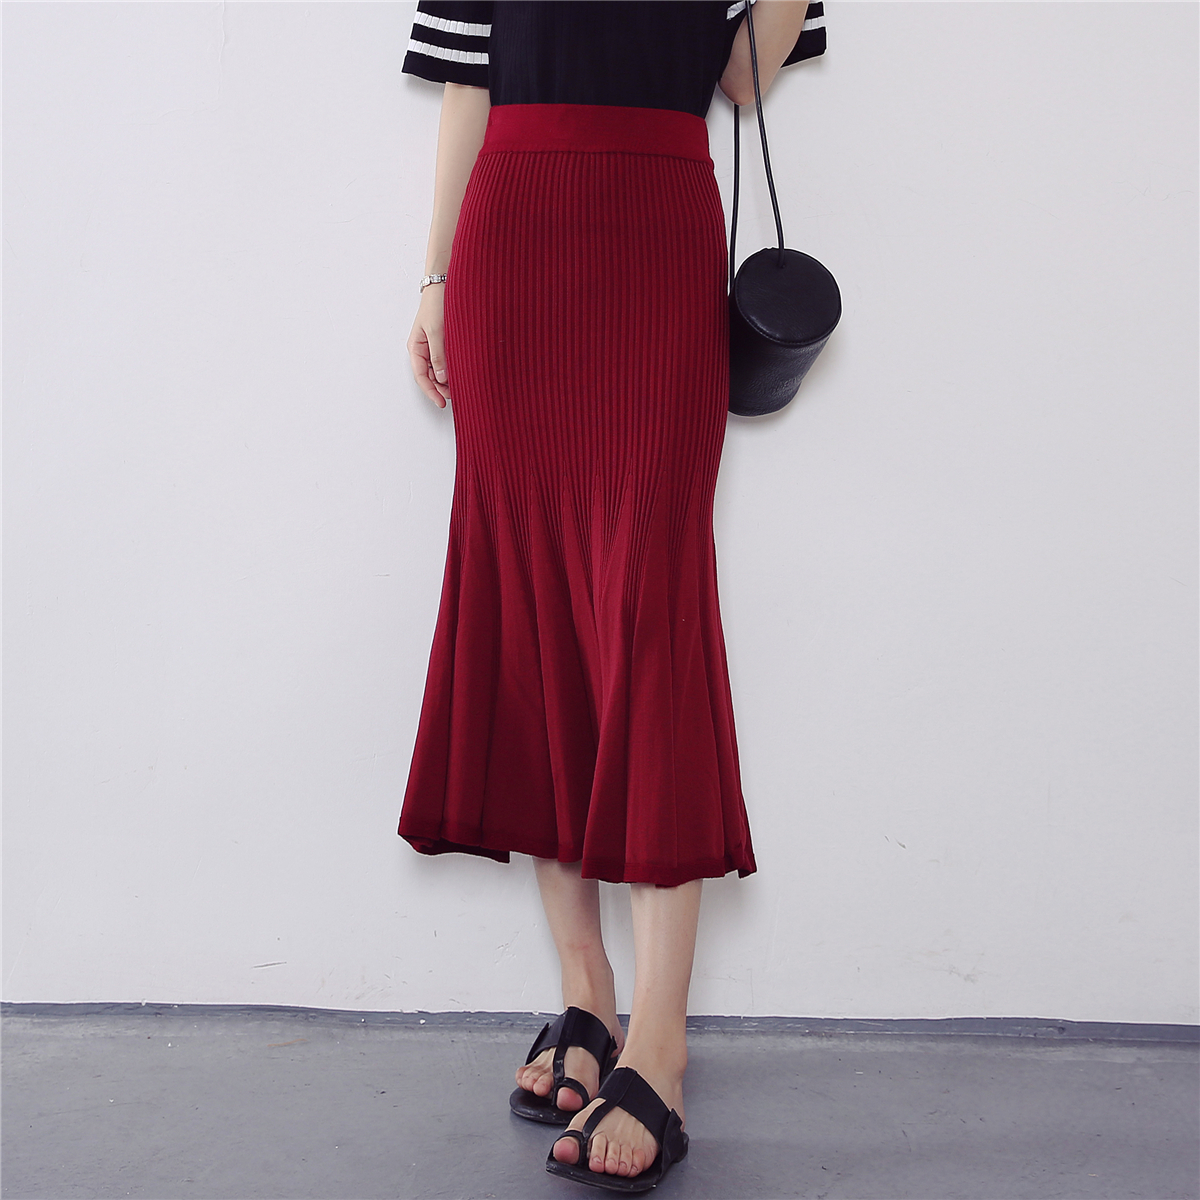 6202【实拍】秋装新款韩版时尚鱼尾裙松紧腰半身裙针织包臀裙